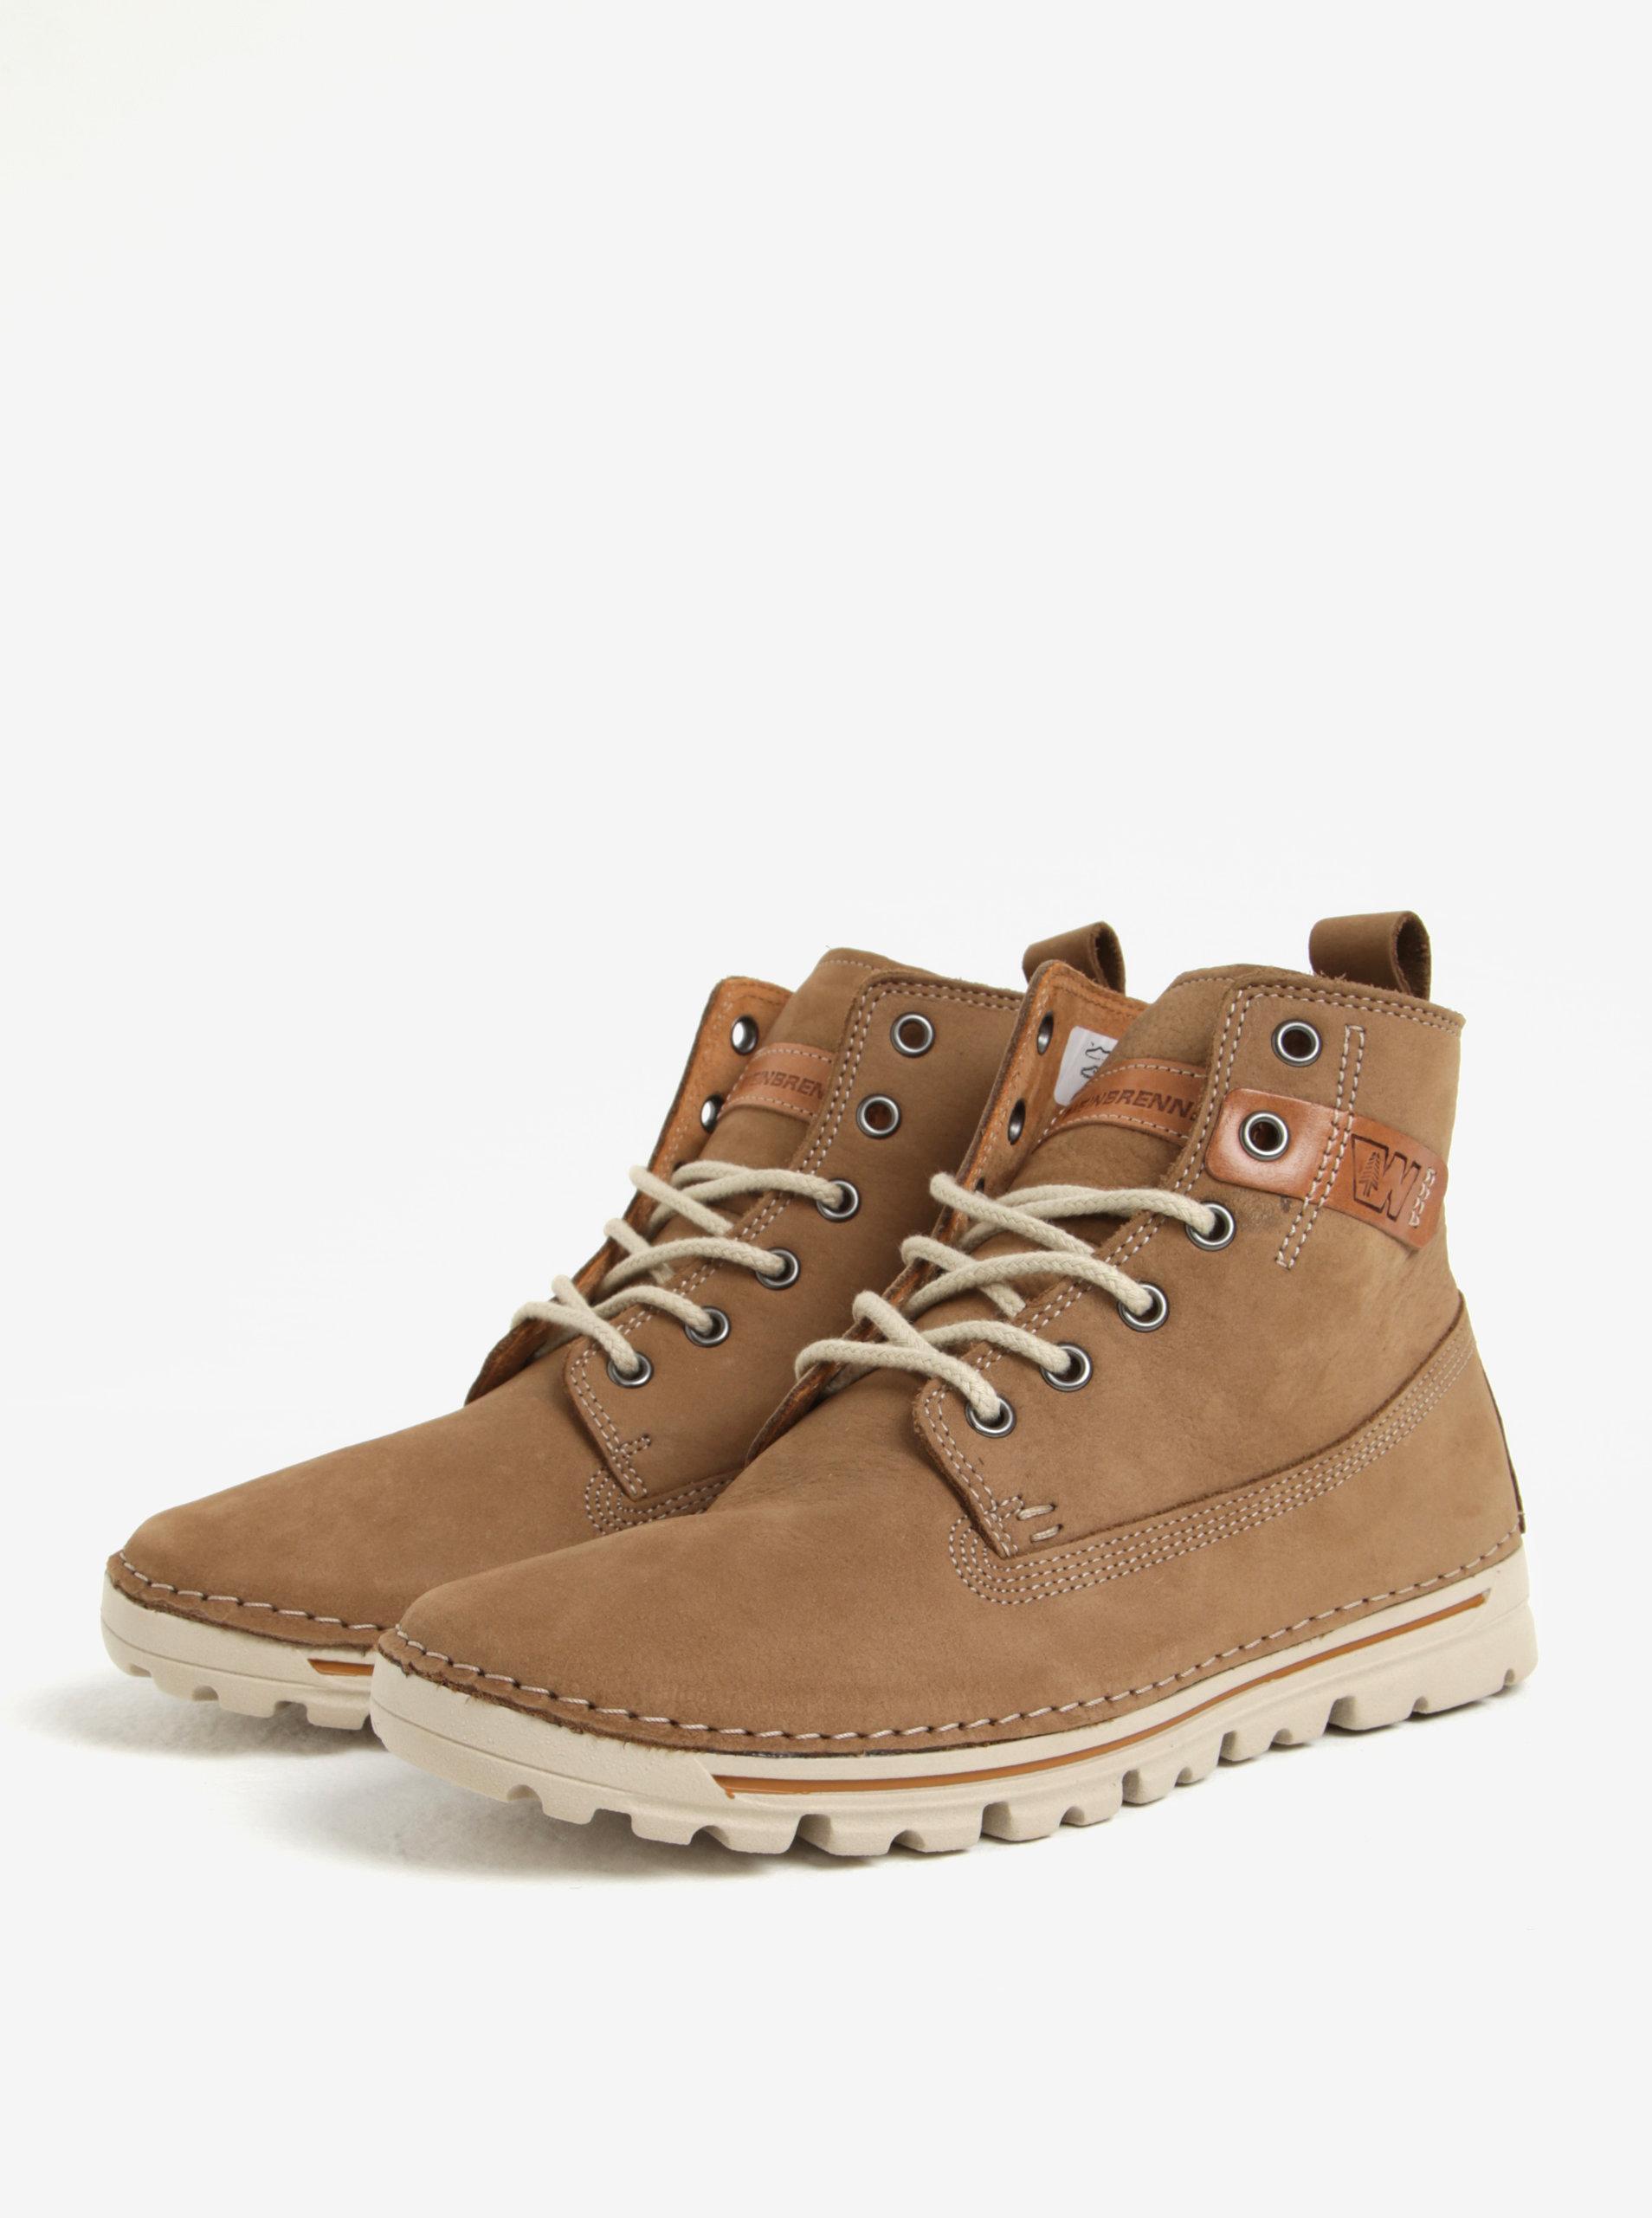 Hnědé dámské kožené kotníkové boty Weinbrenner ... 31c9890bda